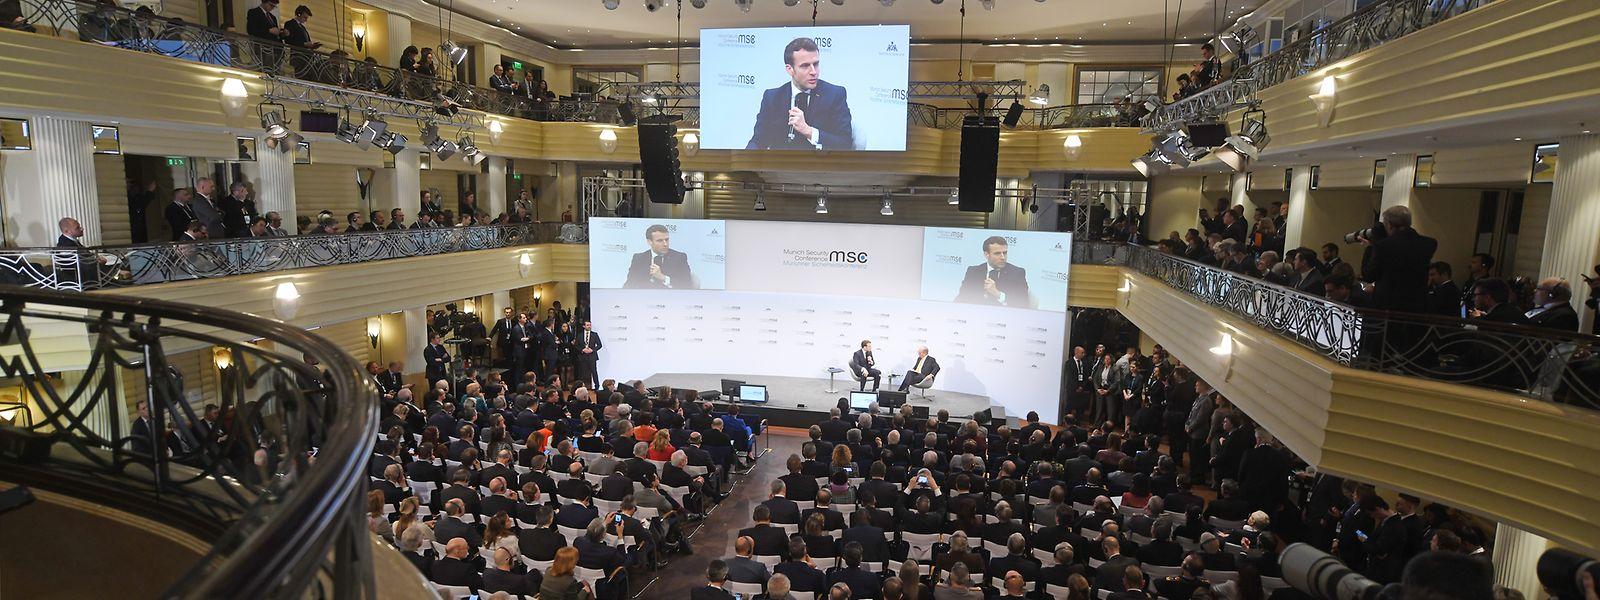 Emmanuel Macron, Präsident von Frankreich, fordert die Europäer bei der Münchner Sicherheitskonferenz zu einer stärkeren Zusammenarbeit in Fragen der Verteidigung auf.